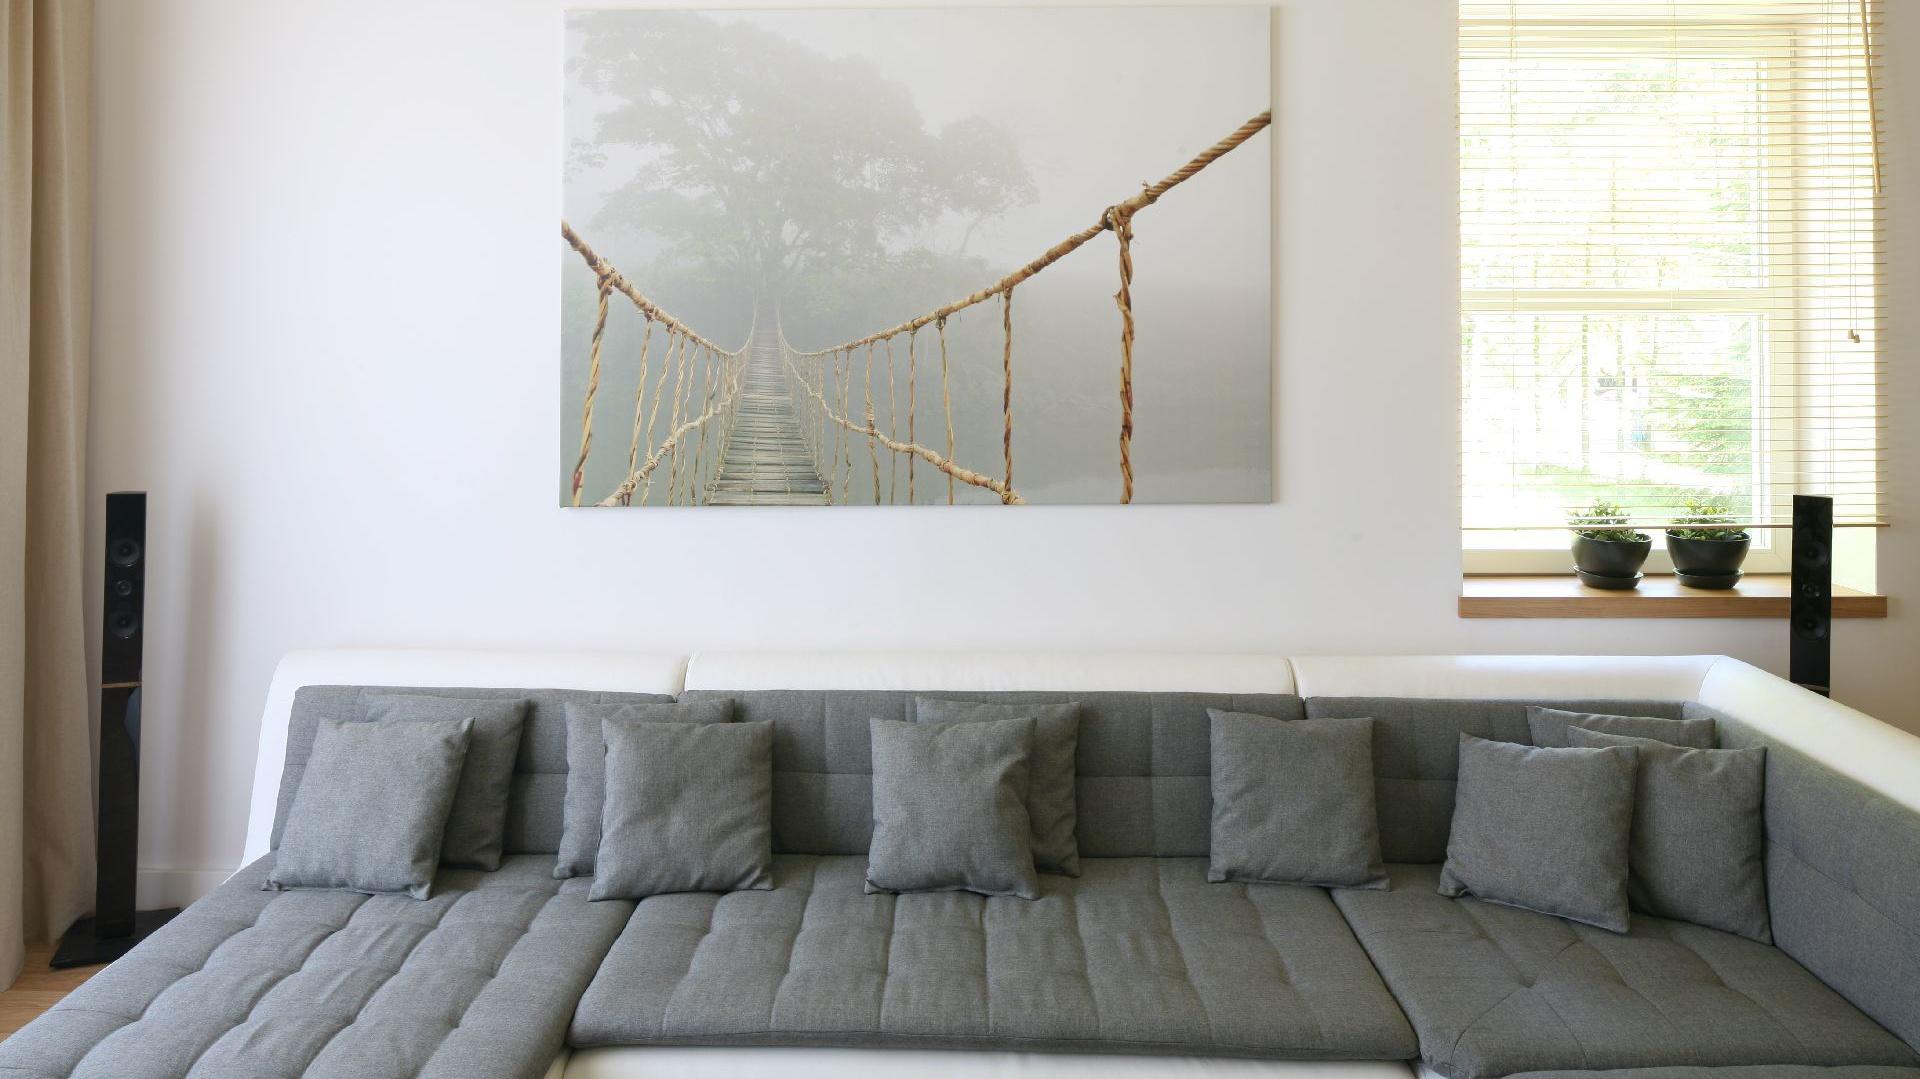 Salon został umiejscowiony w dobrze oświetlonej części  domu. Fot. Bartosz Jarosz.